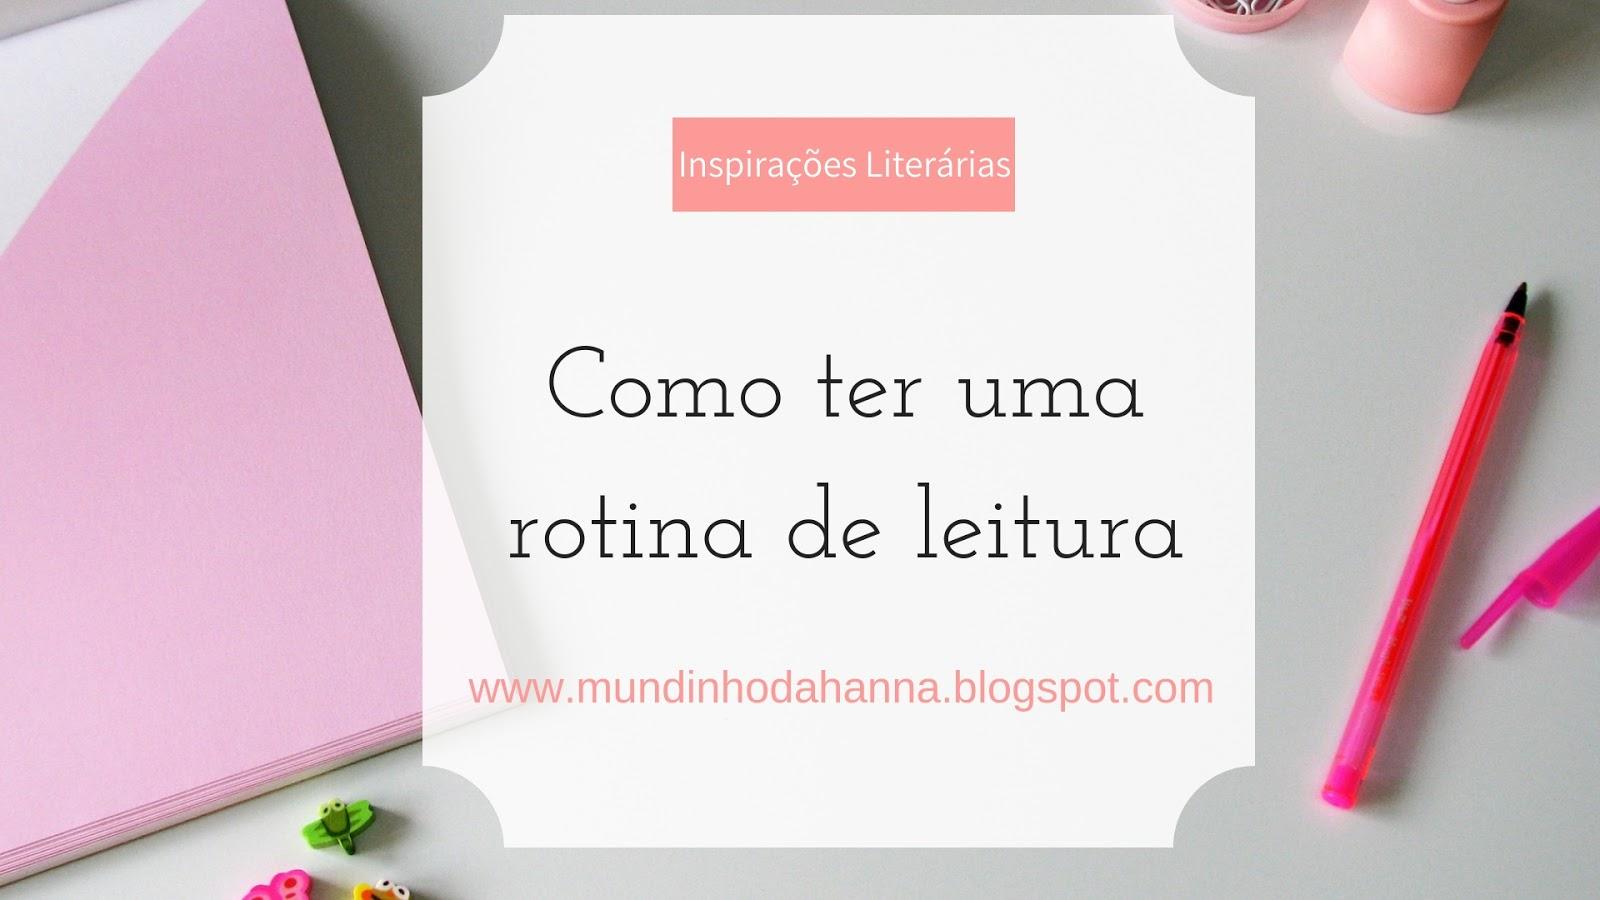 Rotina de leitura